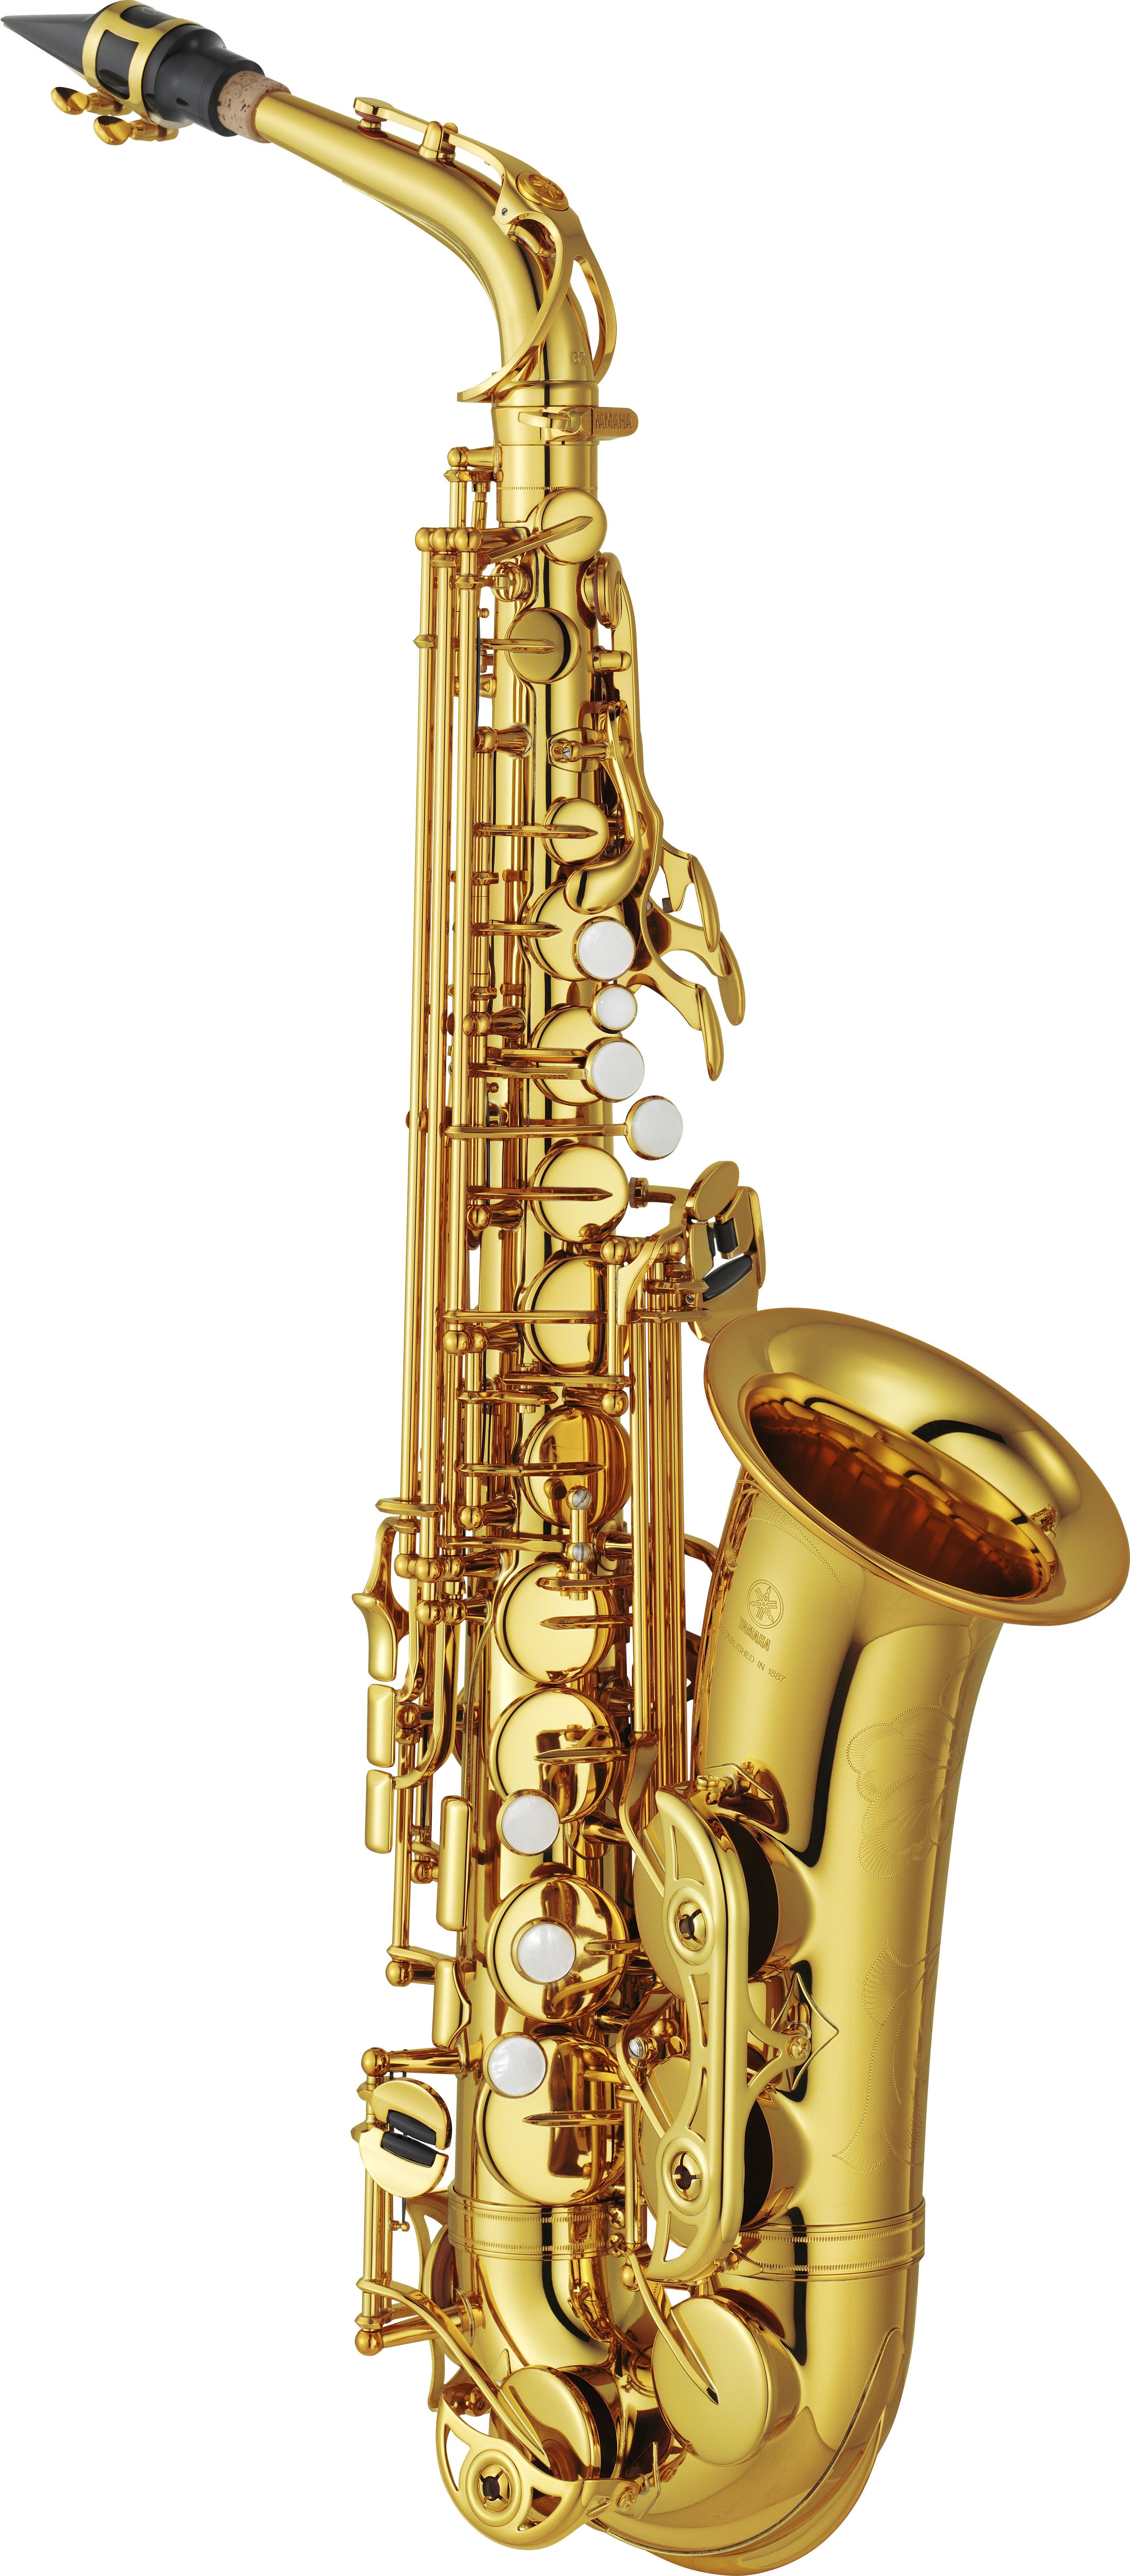 Yamaha - YAS-62 - Holzblasinstrumente - Saxophone | MUSIK BERTRAM Deutschland Freiburg